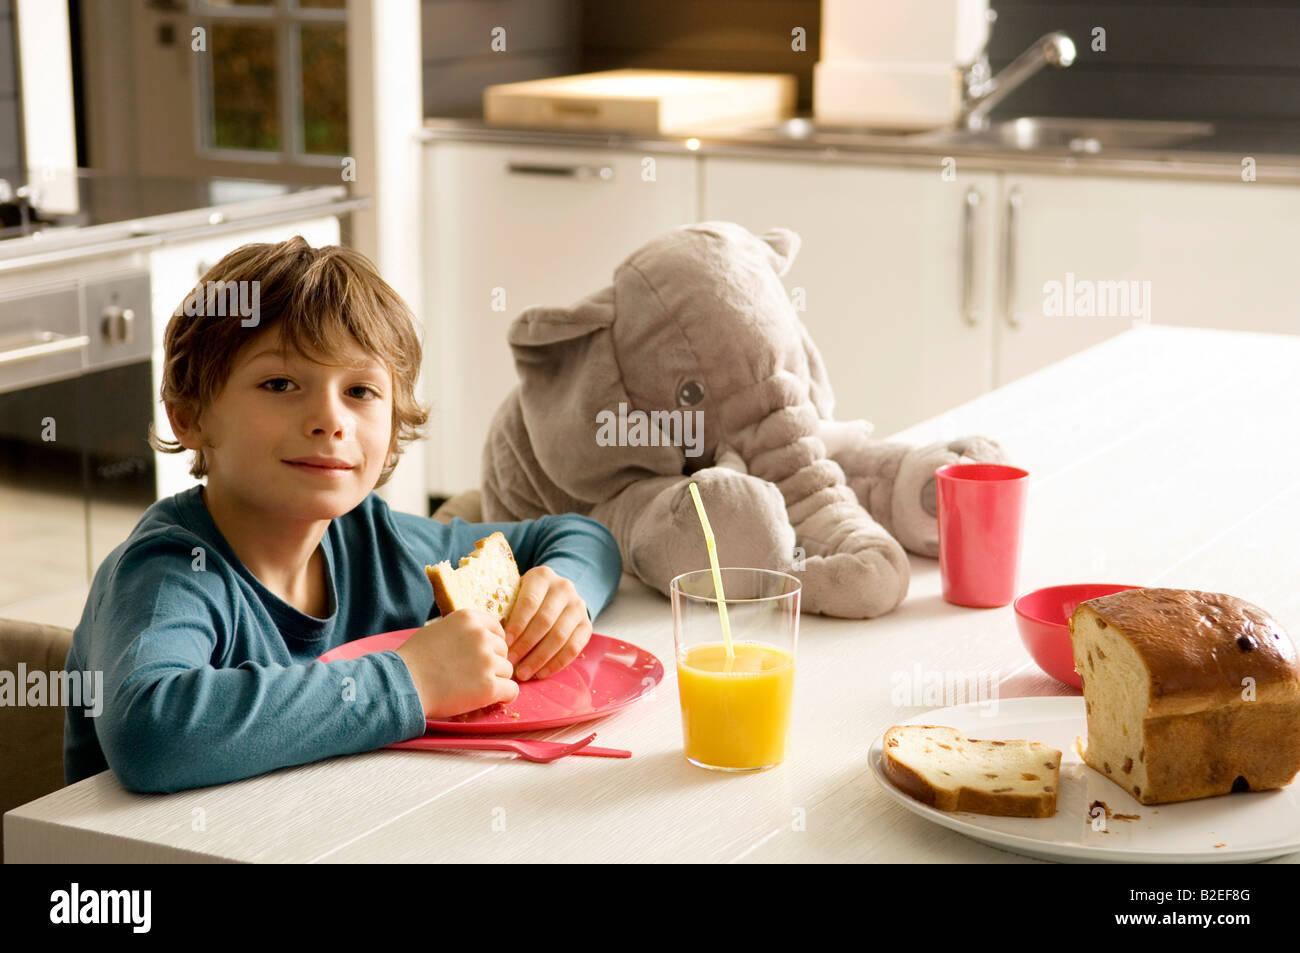 Retrato De Un Niño Tomando El Desayuno En La Cocina Foto